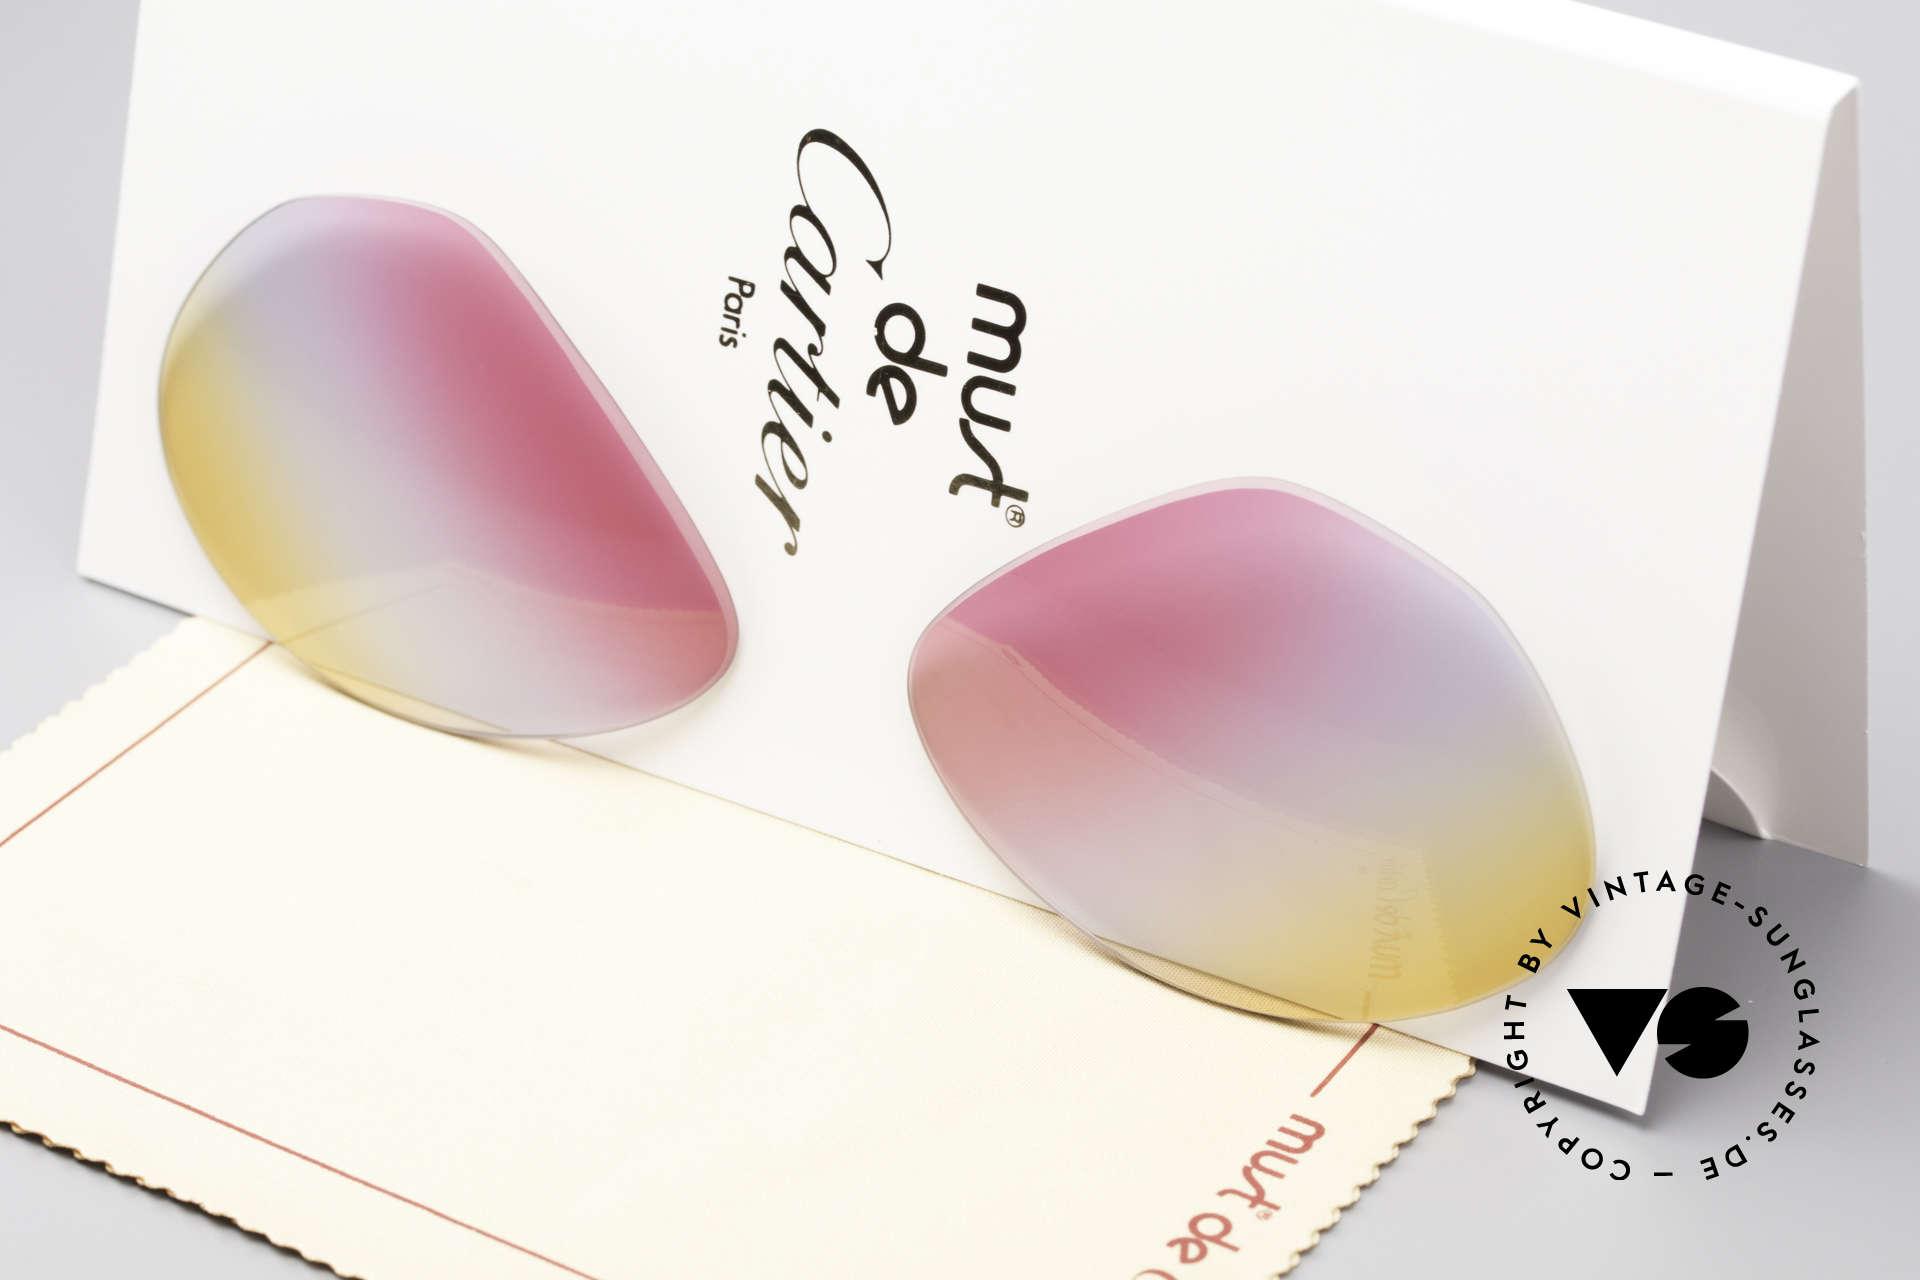 Cartier Vendome Lenses - M Tricolored Sunrise Gläser, neue CR39 UV400 Kunststoff-Gläser (100% UV Schutz), Passend für Herren und Damen